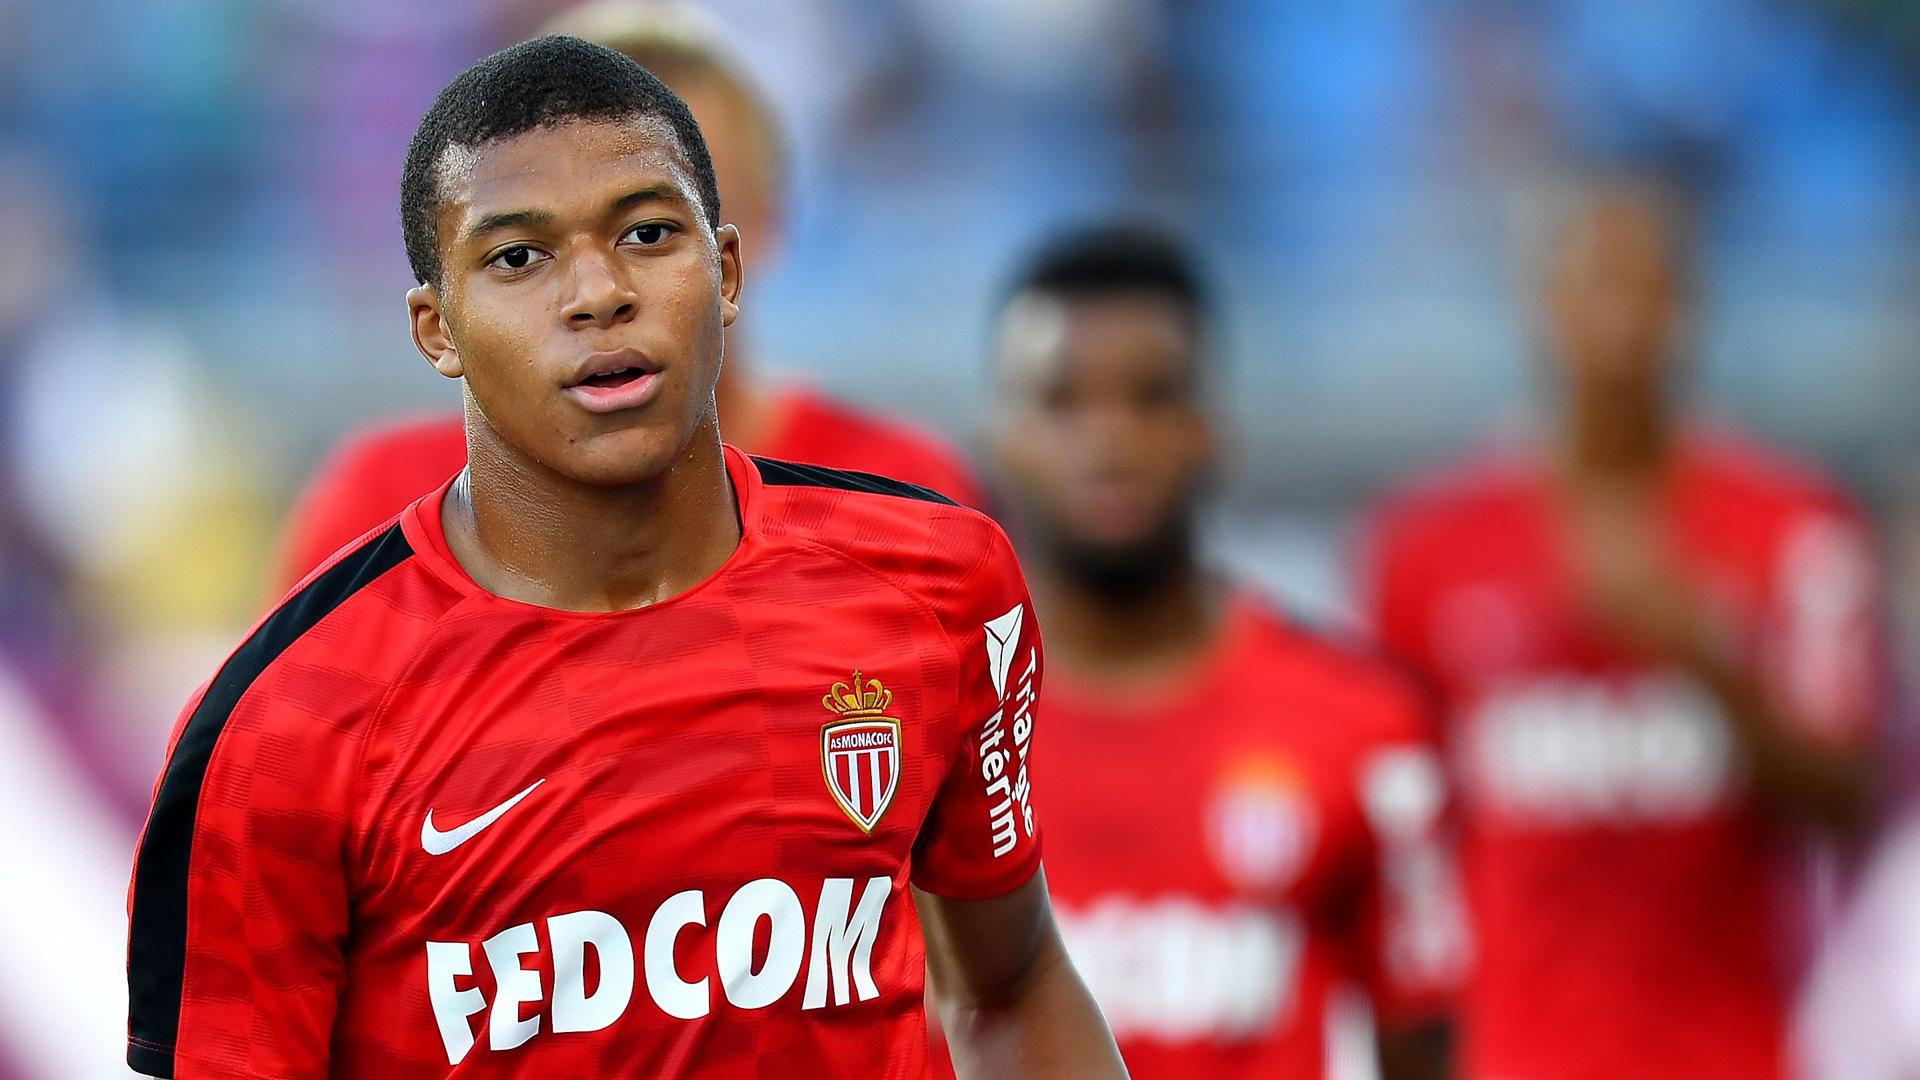 Rückt Real-Wechsel näher? Mbappé will Monaco offenbar verlassen